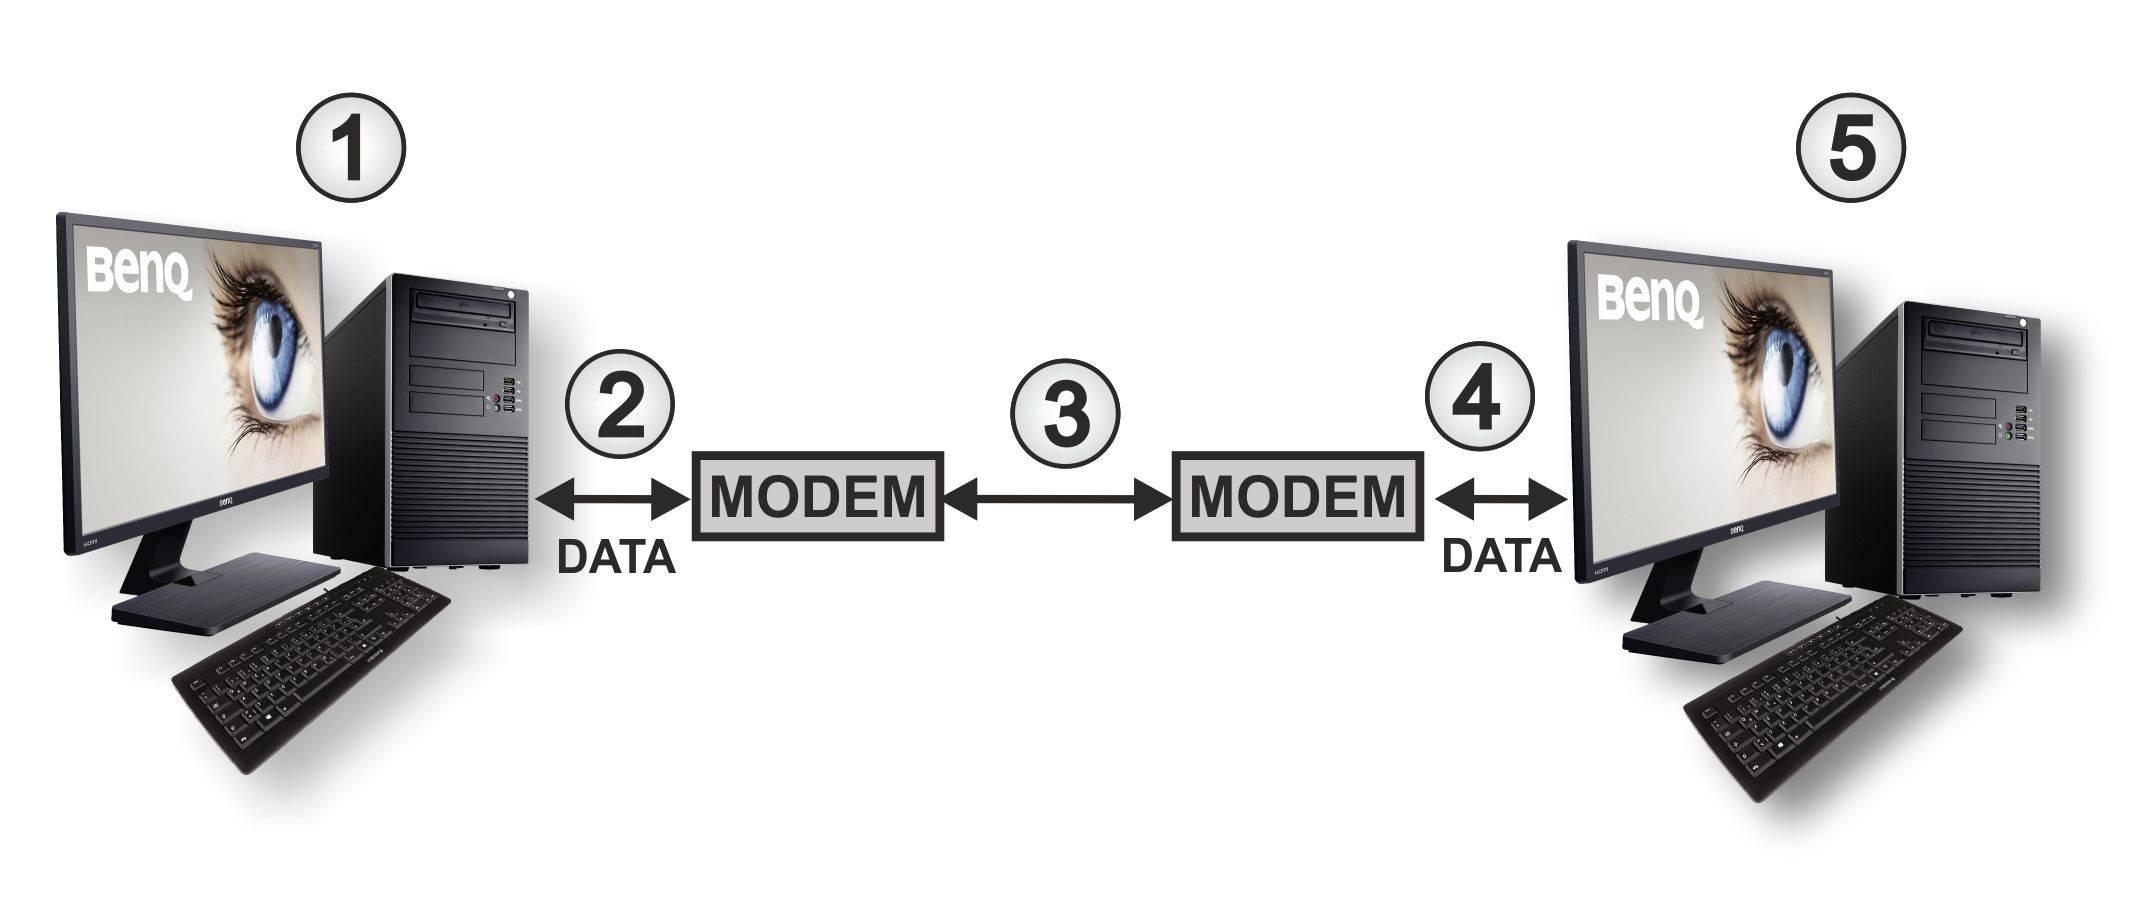 Datenübertragung mit Modem